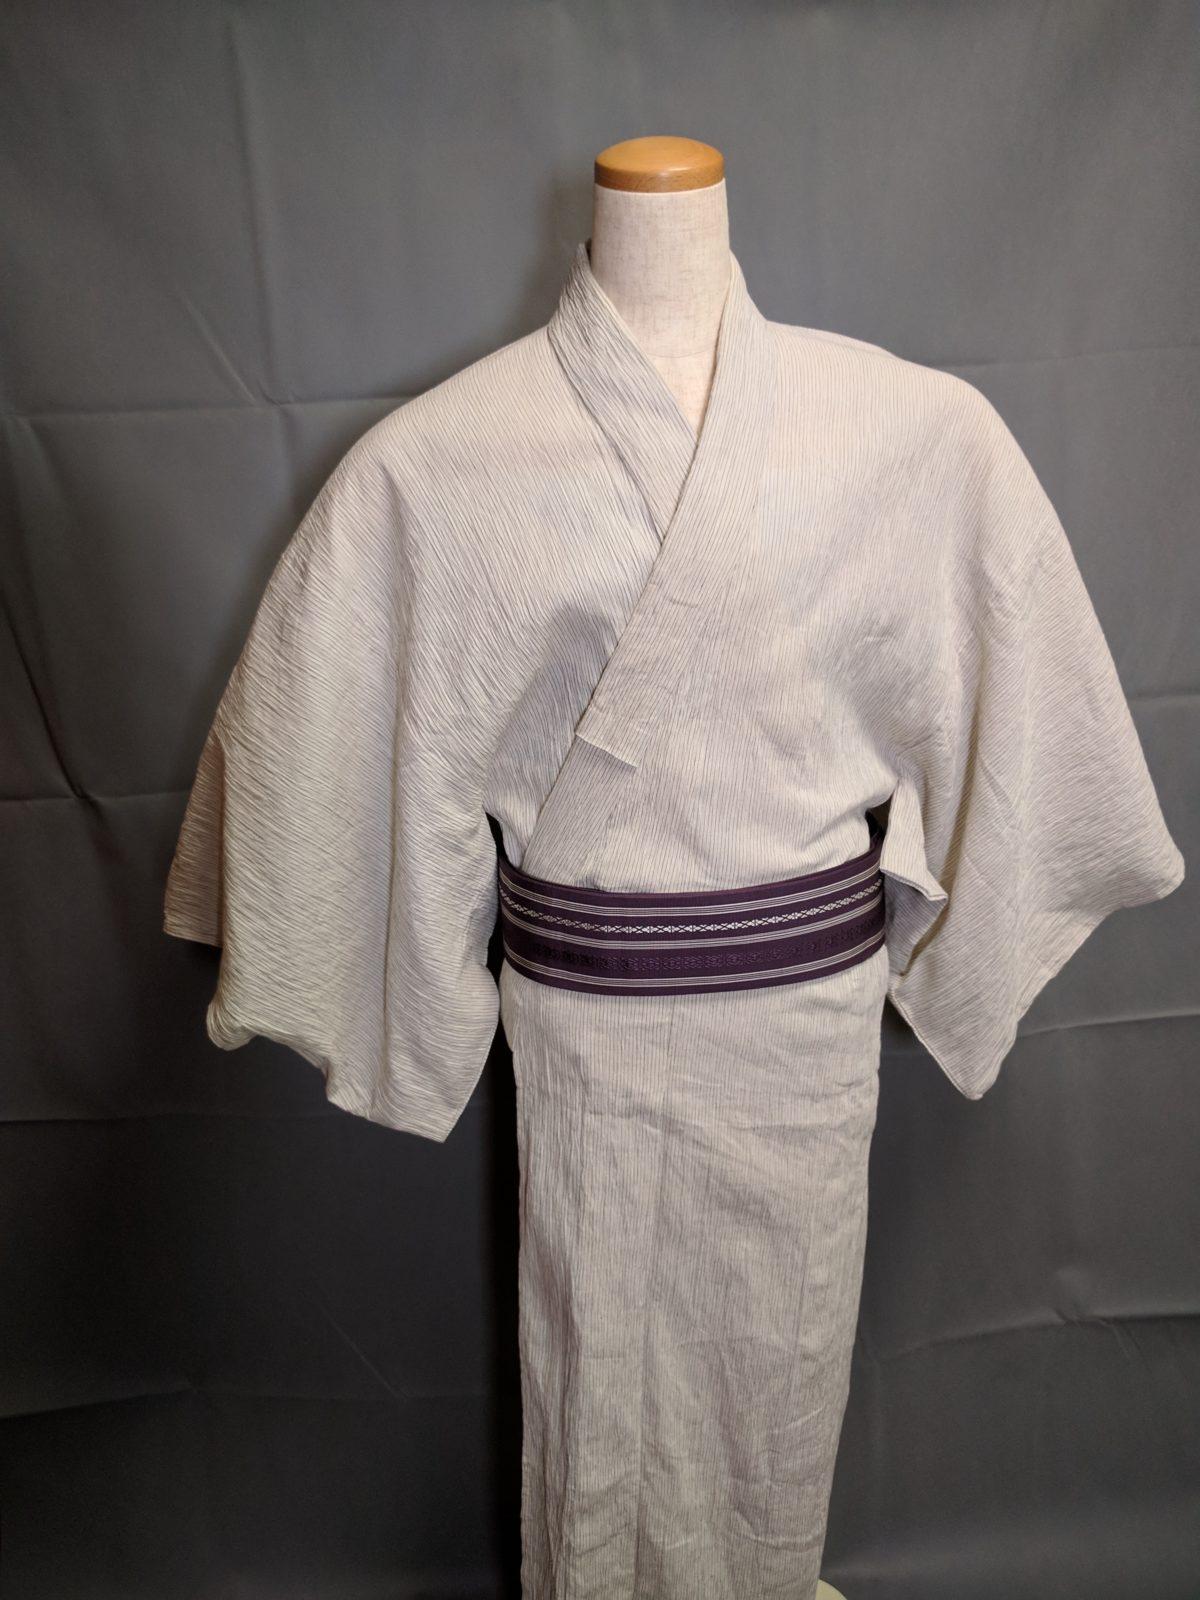 男の和服,メンズ着物,裏着物,浴衣,日本,和,文化,